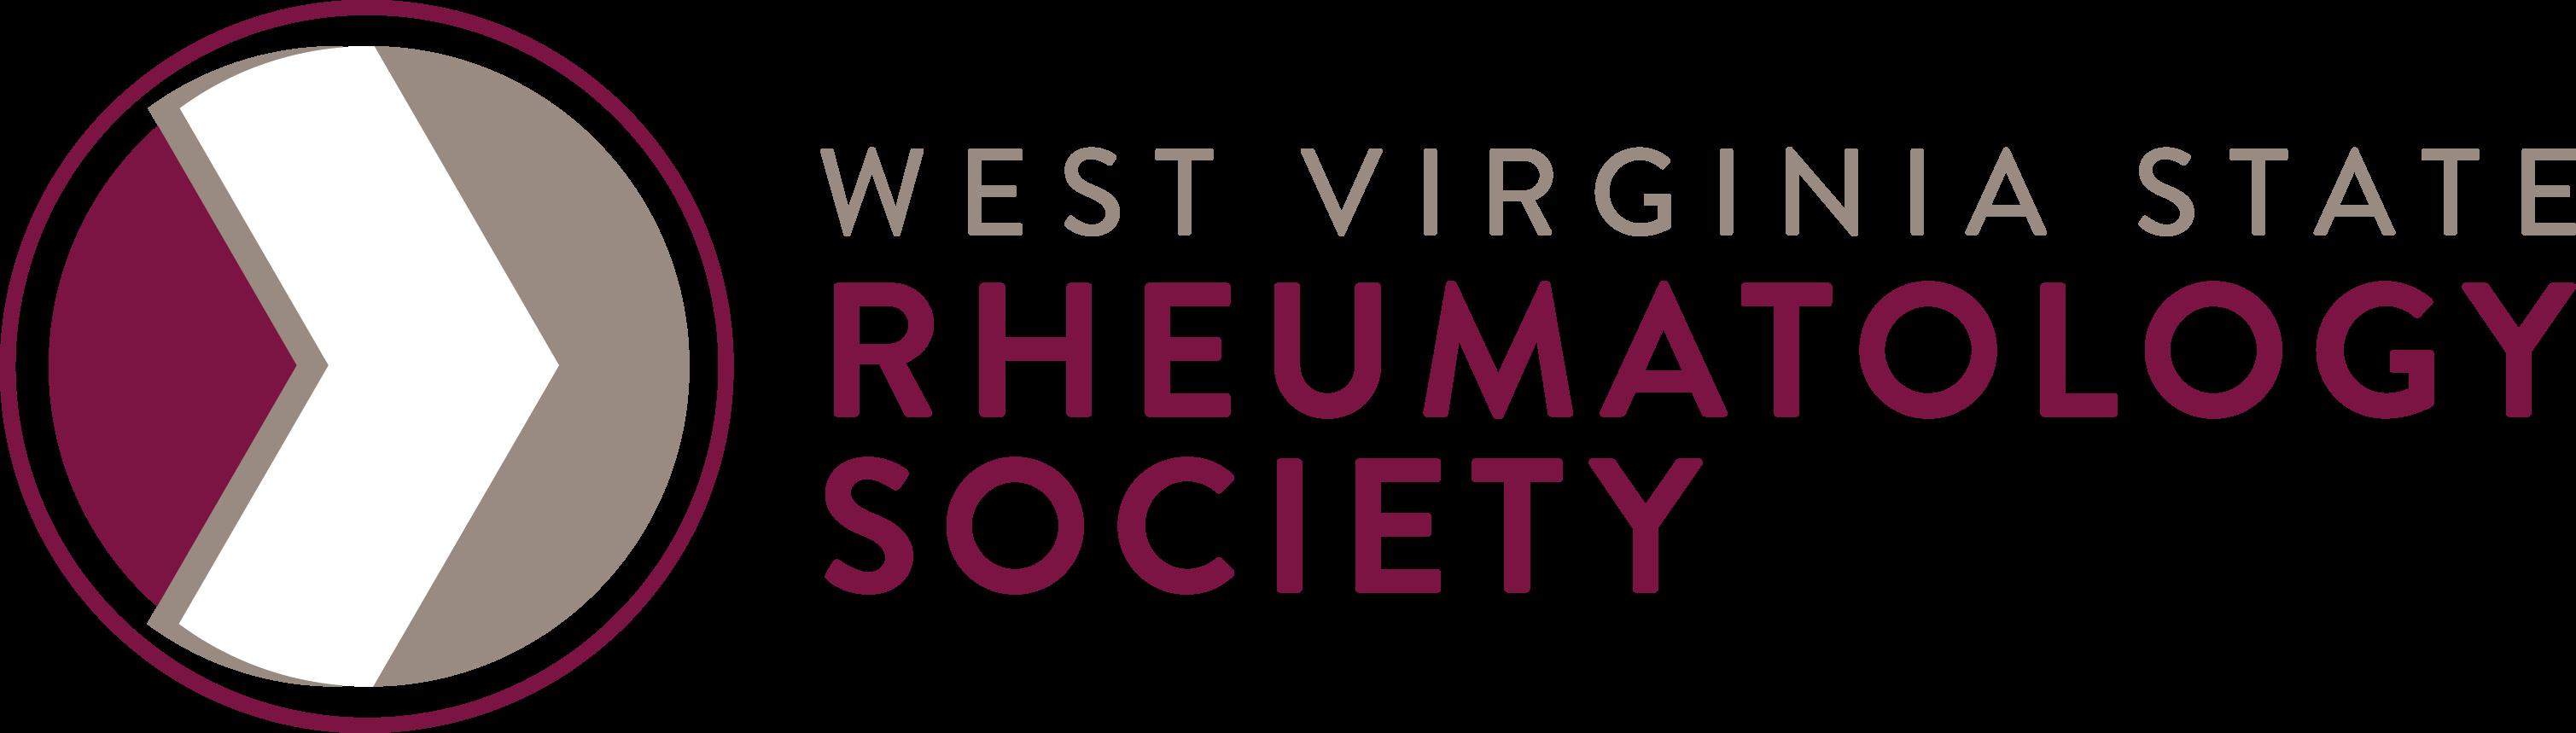 WEST VIRGINIA STATE RHEUMATOLOGY SOCIETY